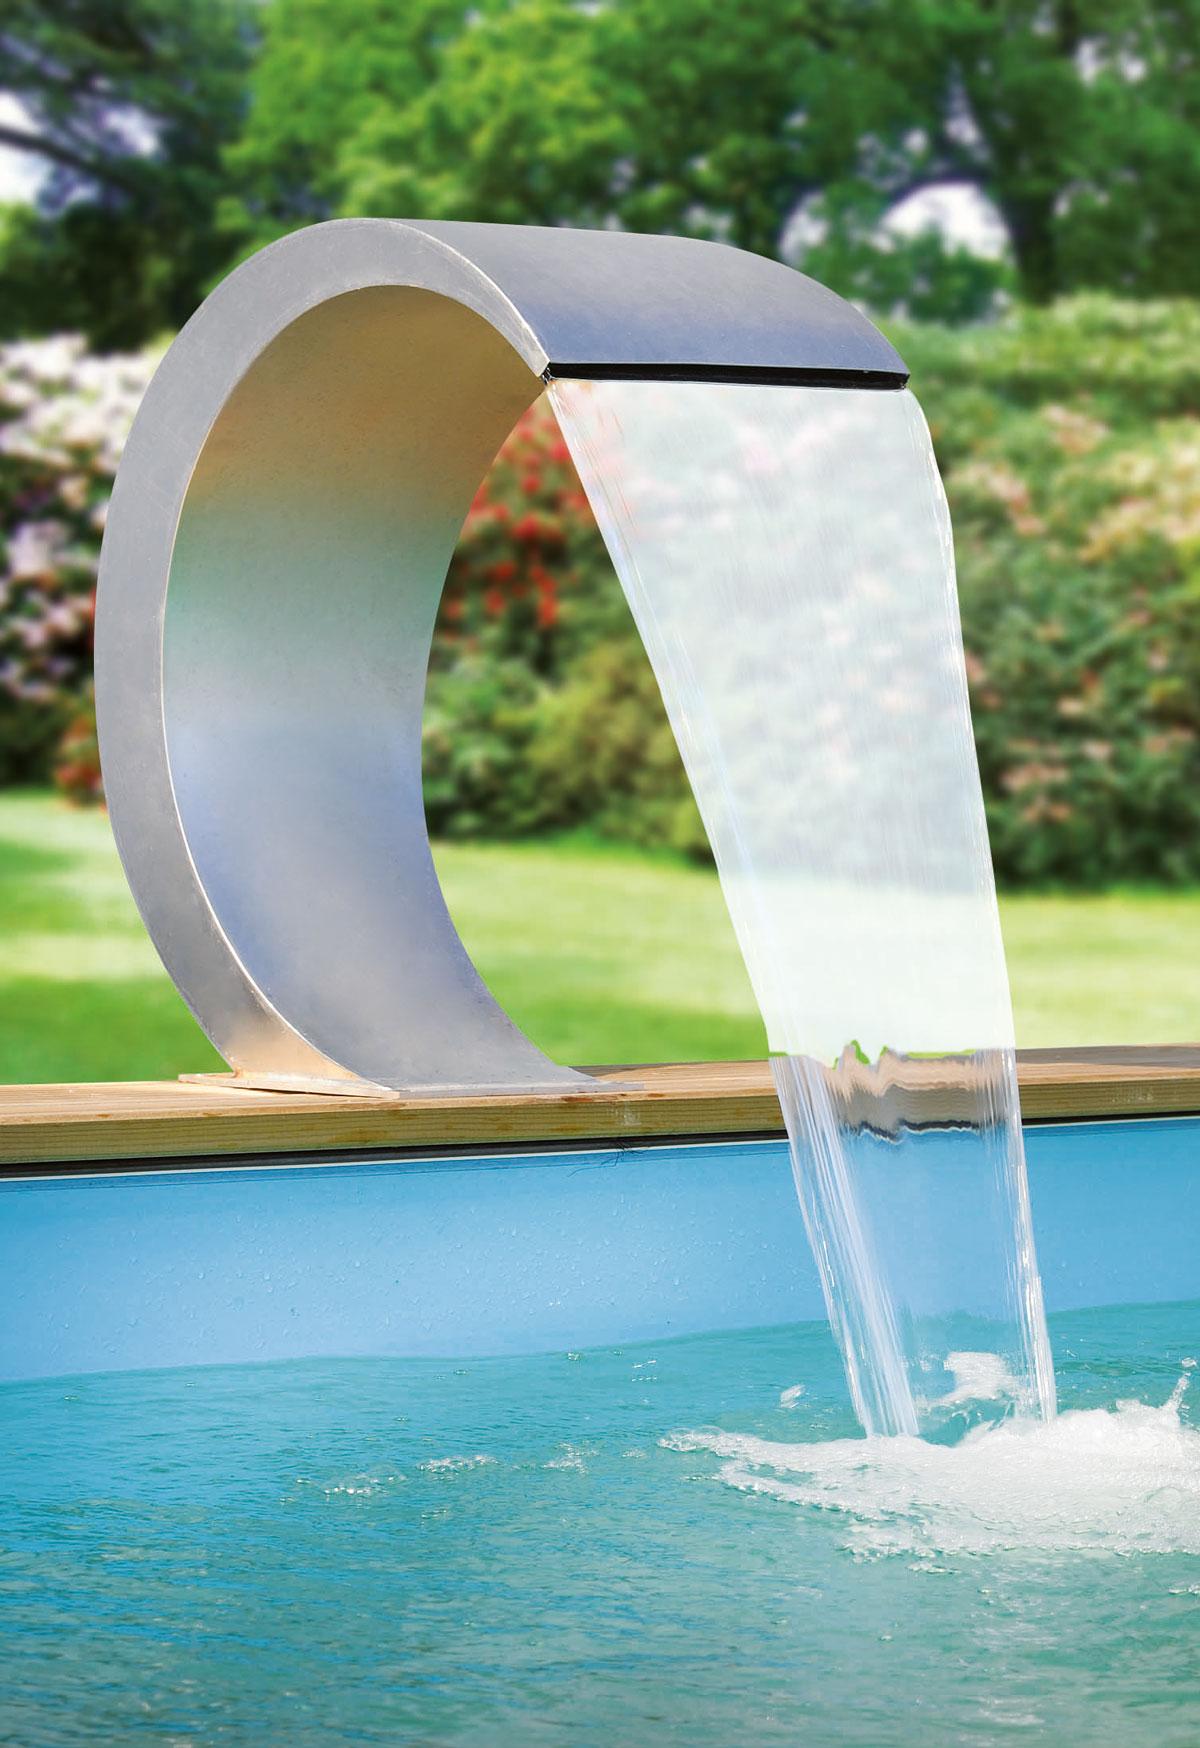 Schwalldusche mit led mamba sunday pools onlineshop for Wasserfall mamba